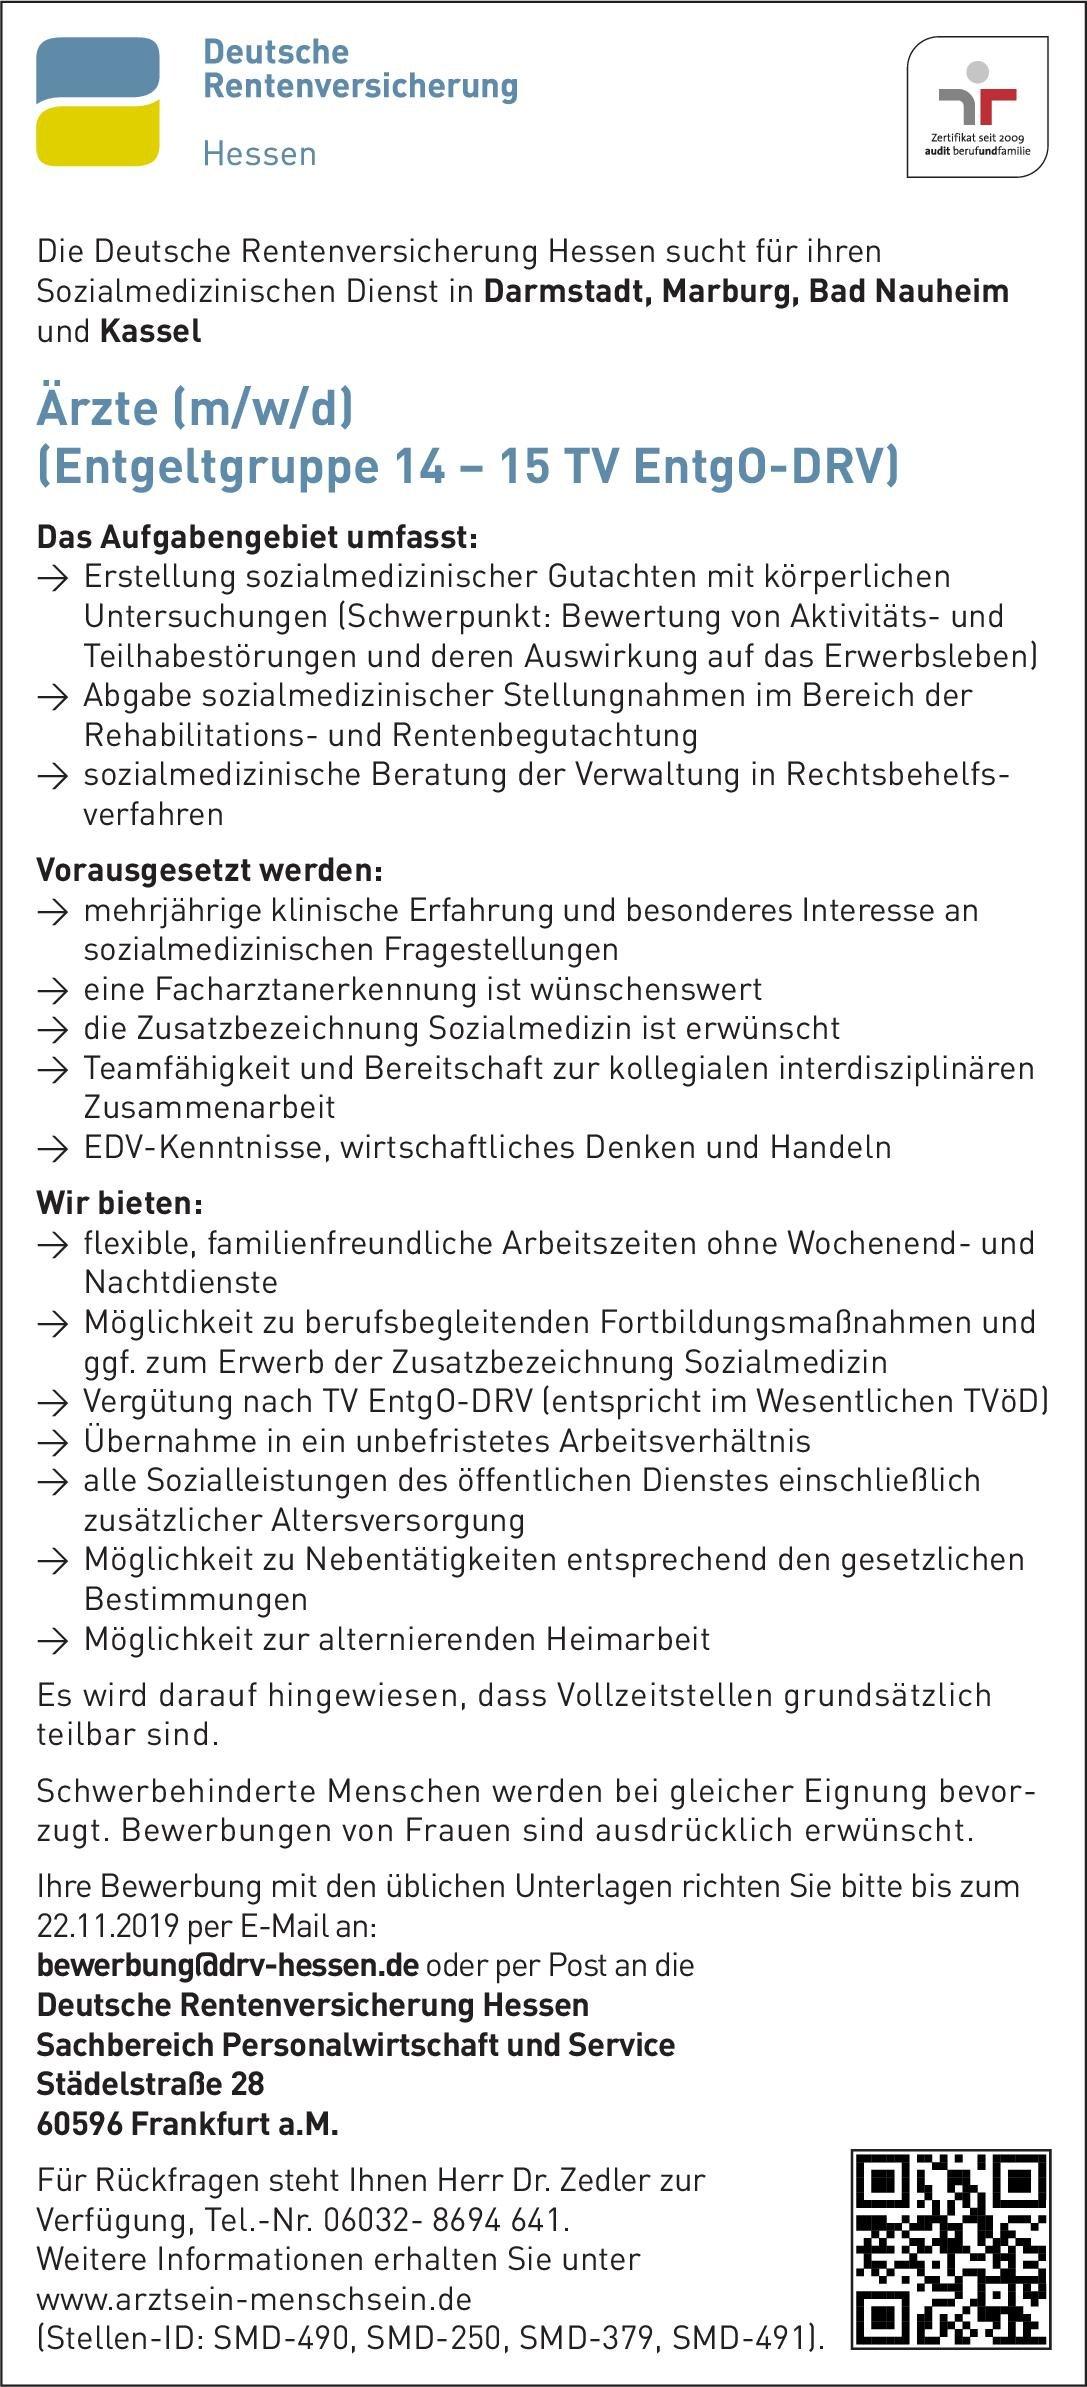 Deutsche Rentenversicherung Hessen Ärzte (m/w/d) (Entgeltgruppe 14 – 15 TV EntgO-DRV) * ohne Gebiete Arzt / Facharzt